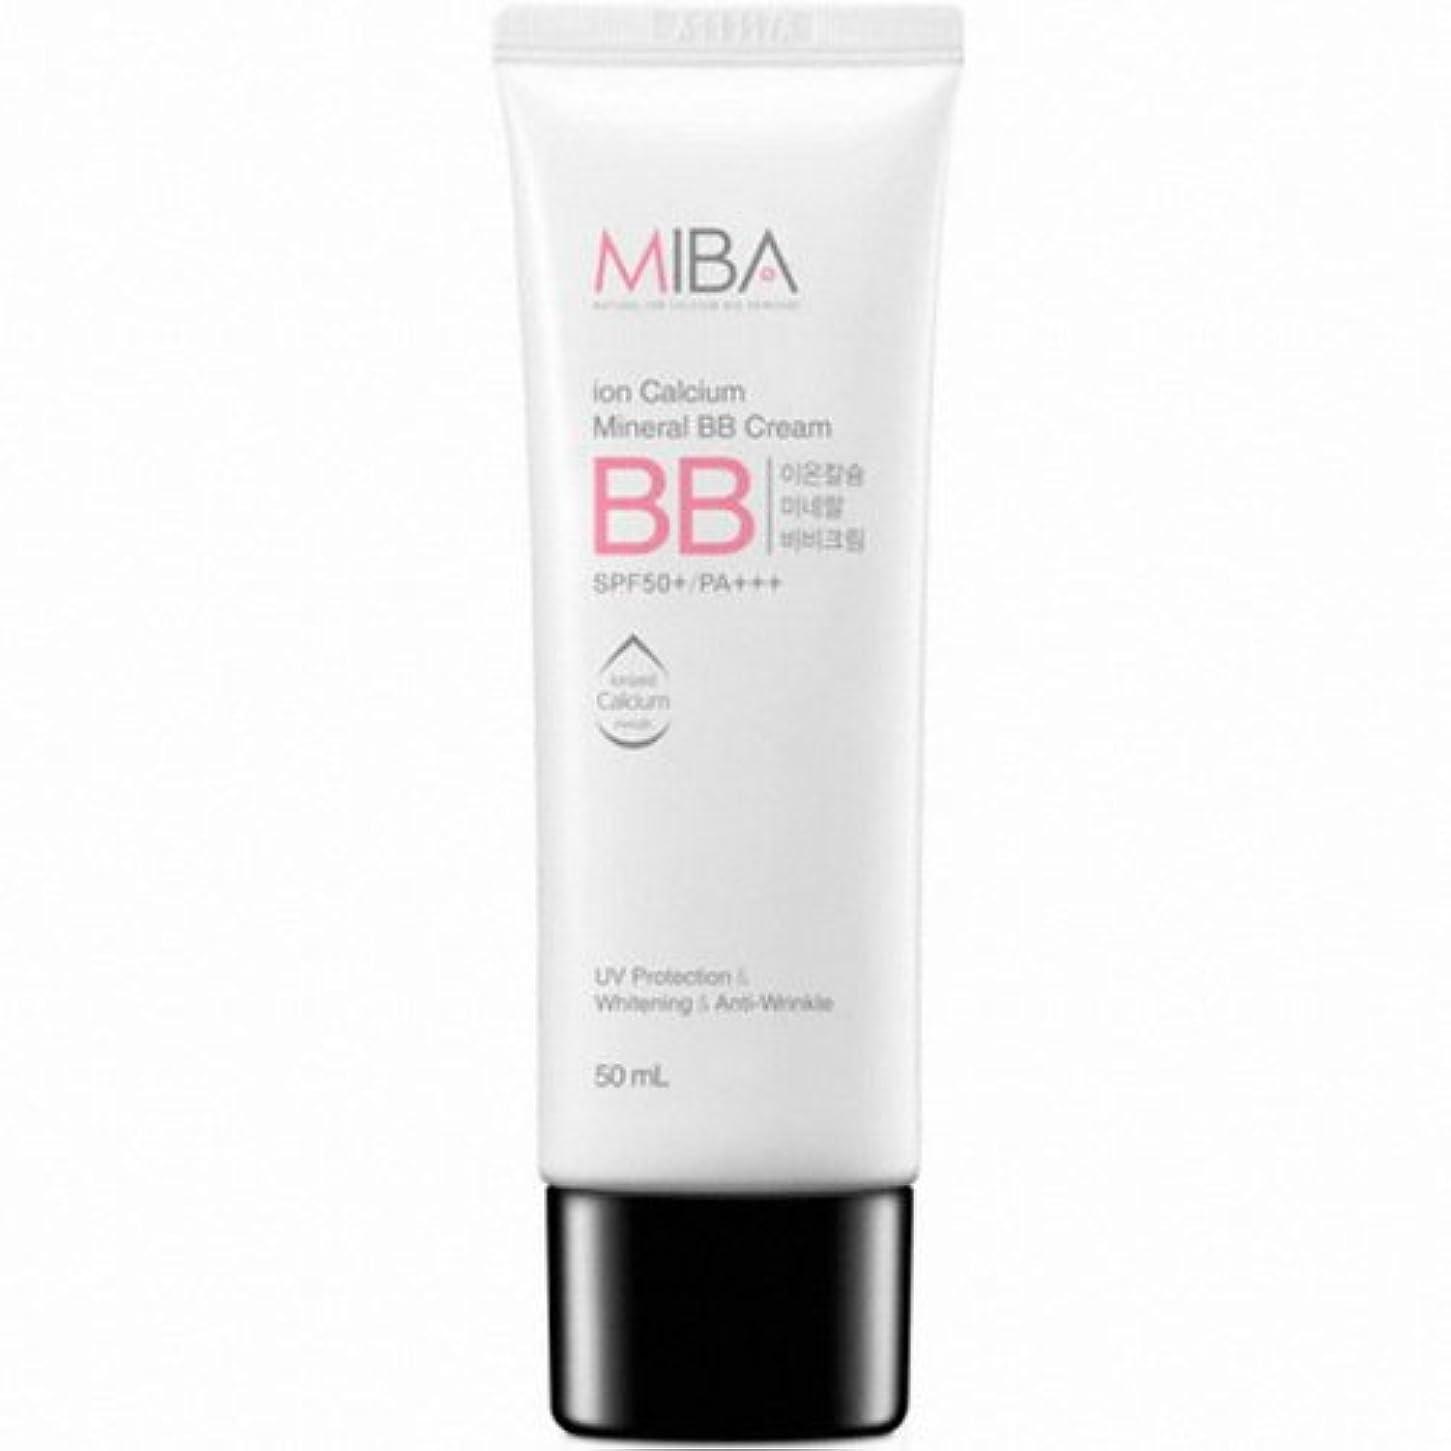 彼眠る入るMINERALBIO (ミネラルバイオ) ミバ イオン カルシウム ミネラル ビビクリーム / MIBA Ion Calcium Mineral BB Cream (50ml) [並行輸入品]